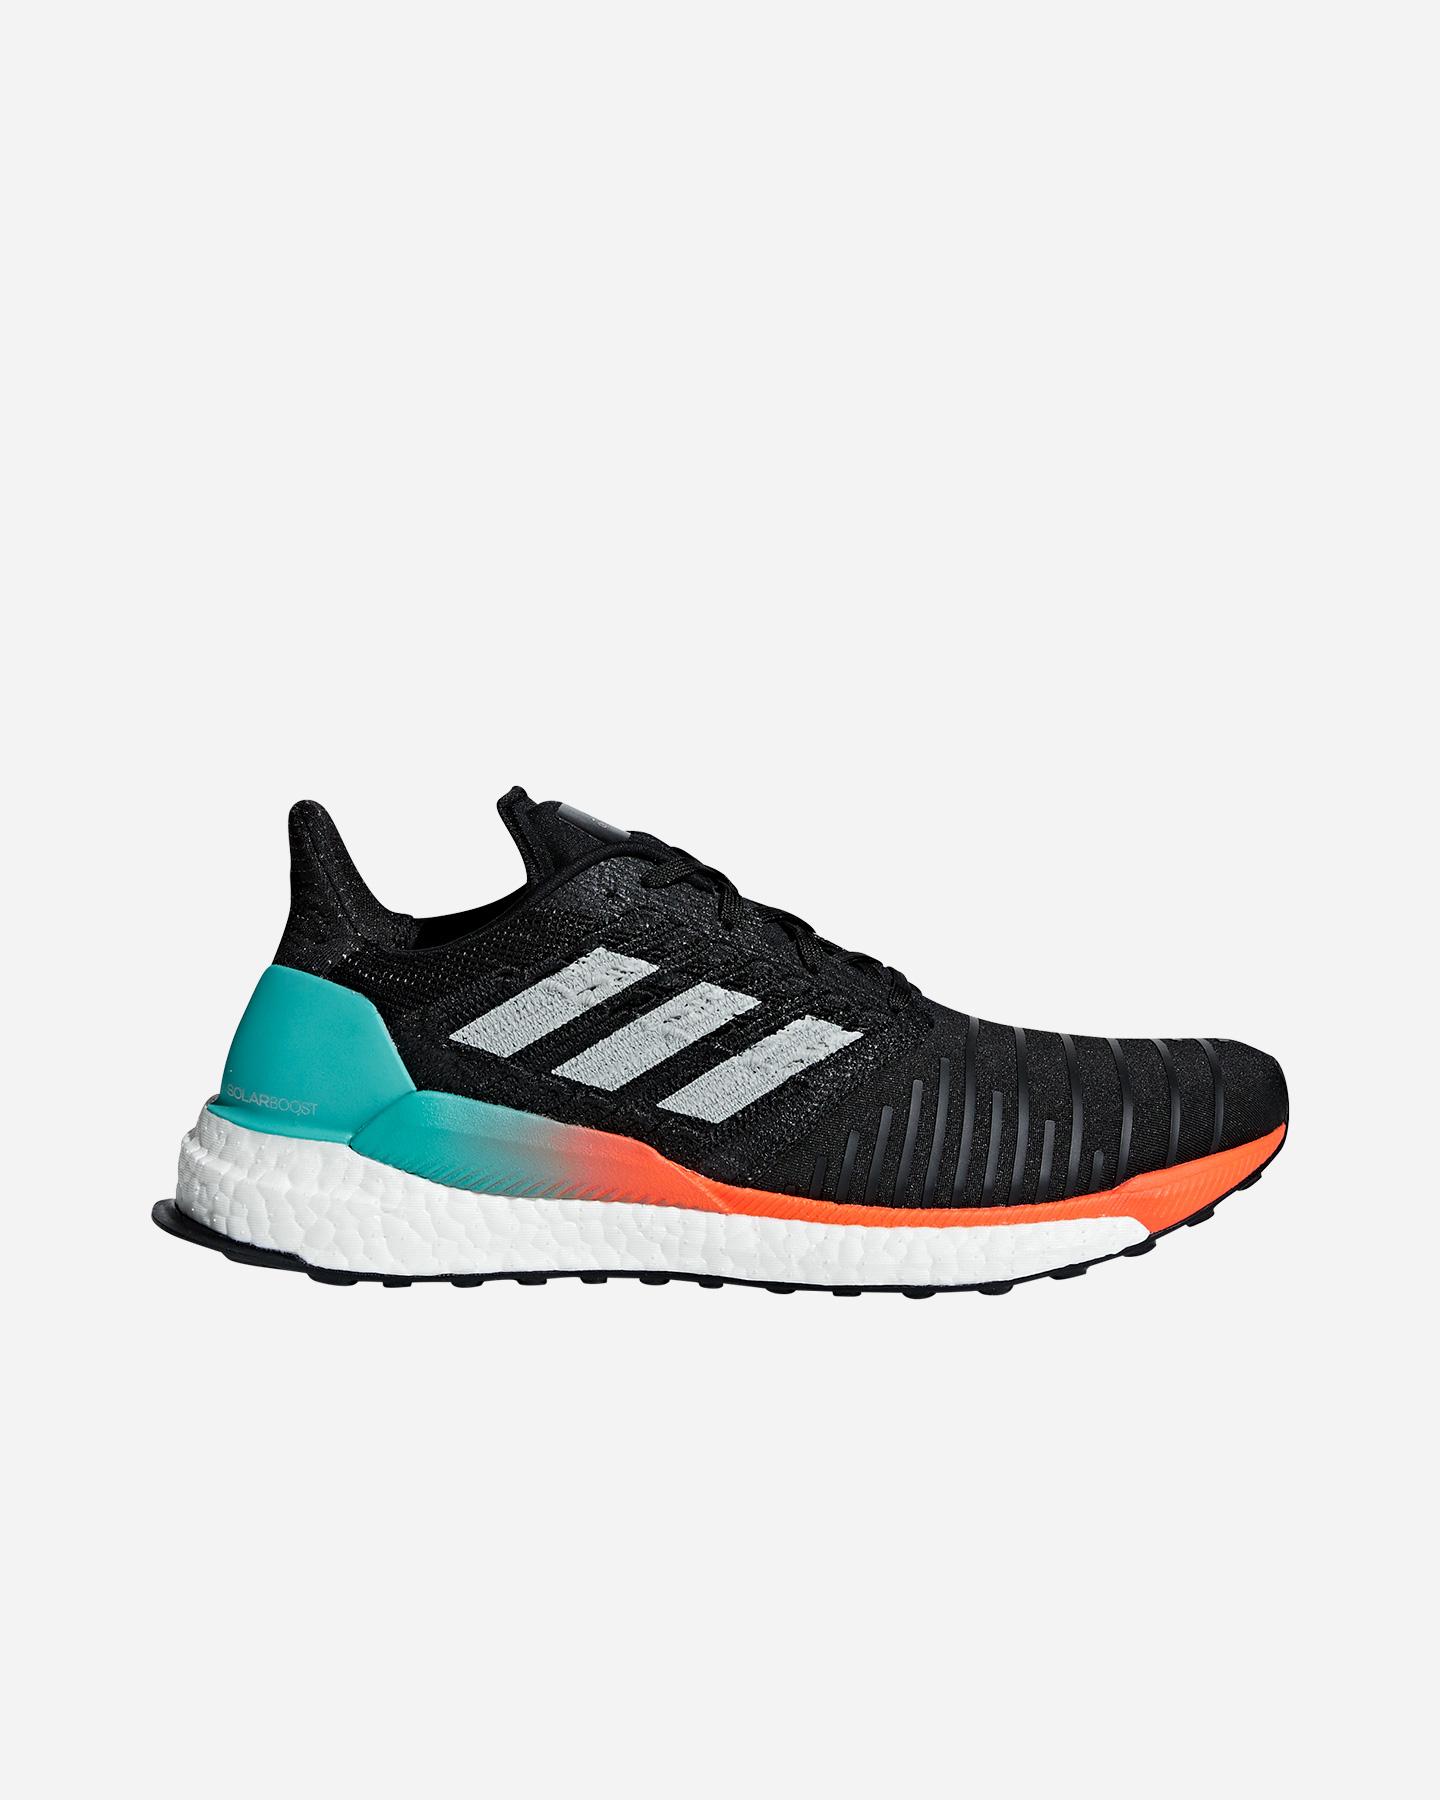 adidas scarpe running Adidas Originals 2020 Scarpe Sneakers